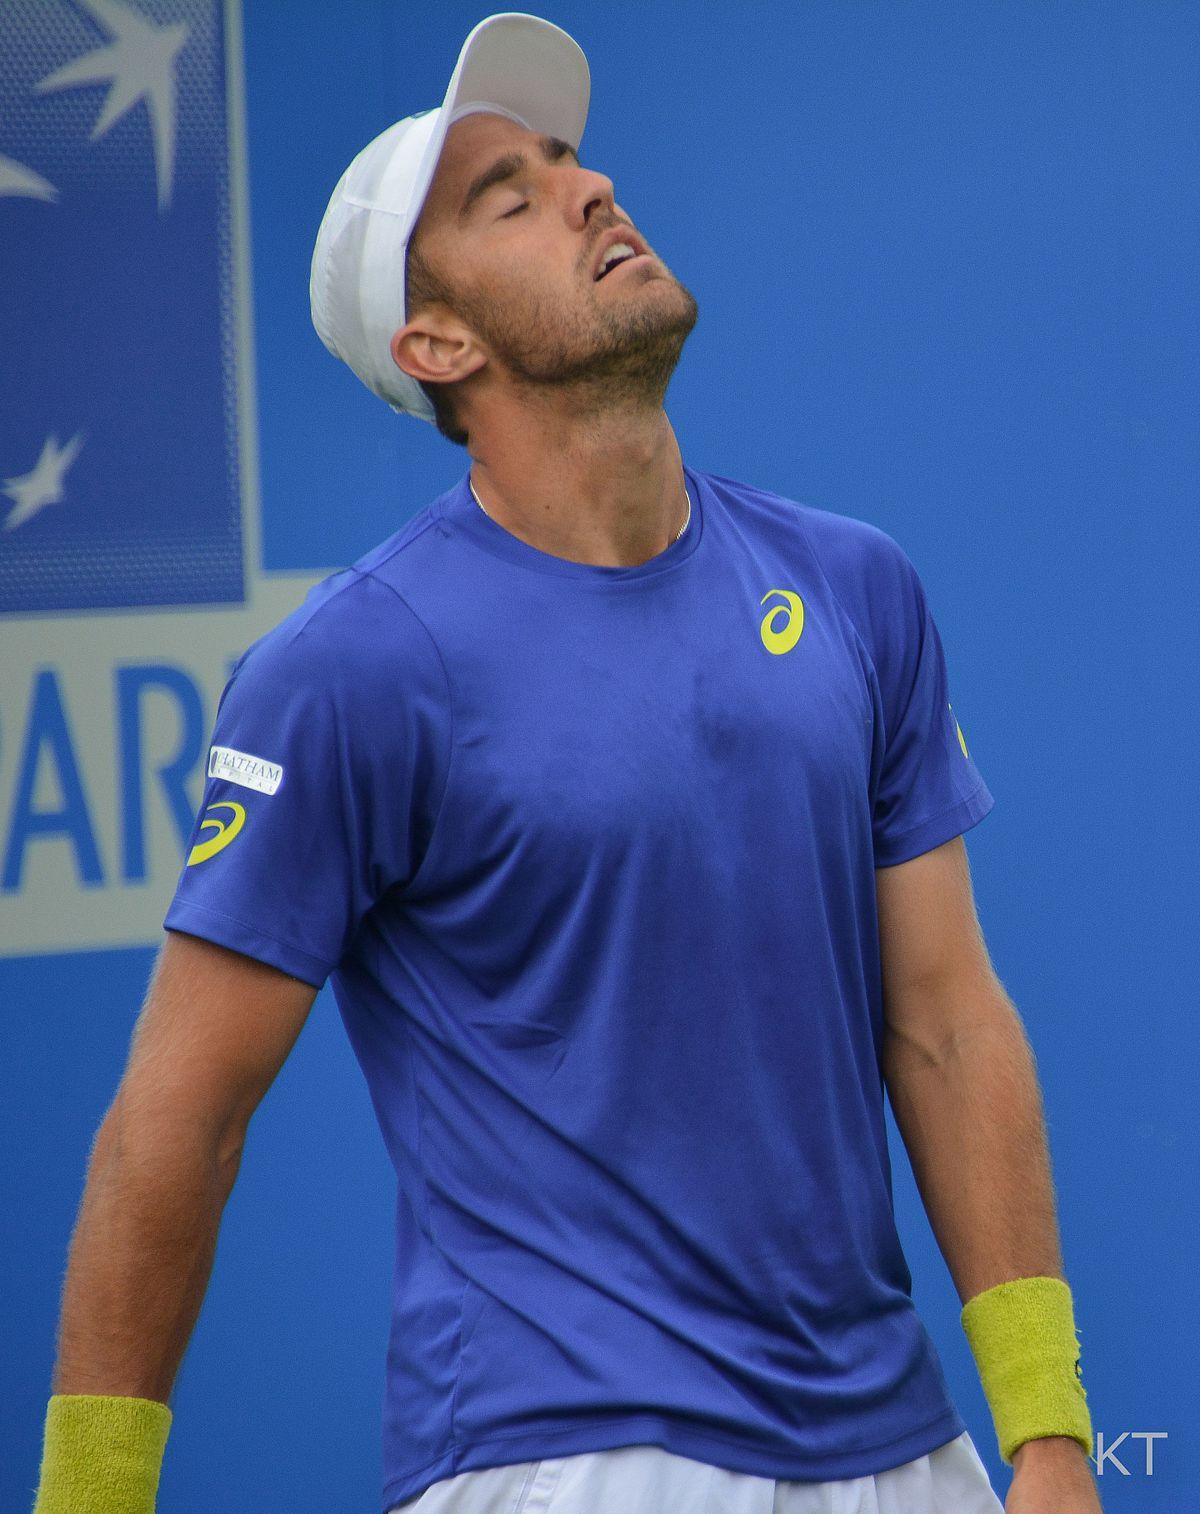 Steve Johnson teniszező – Wikipédia